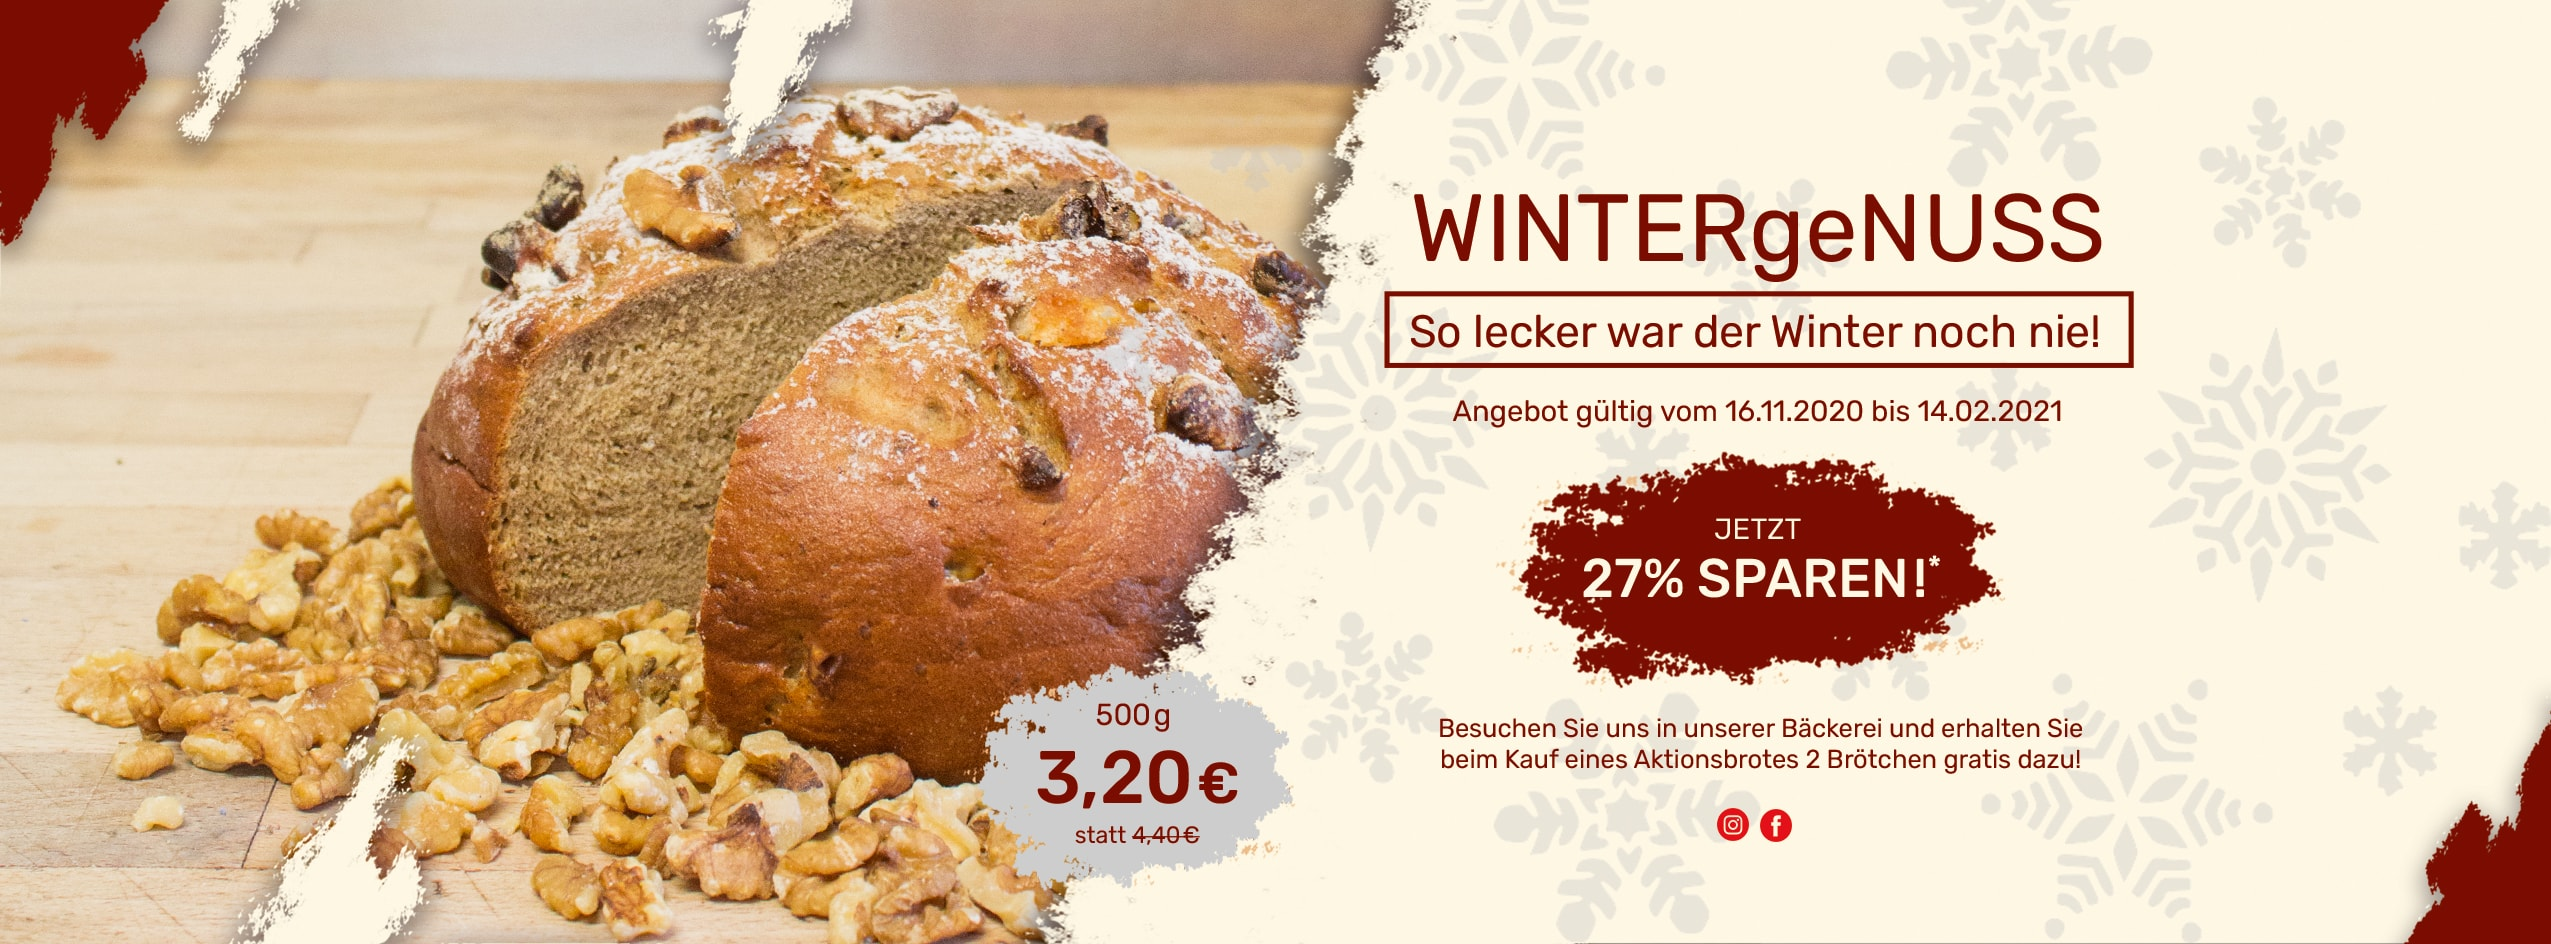 20201109_bw_wintergenussbrot_webbanner-min